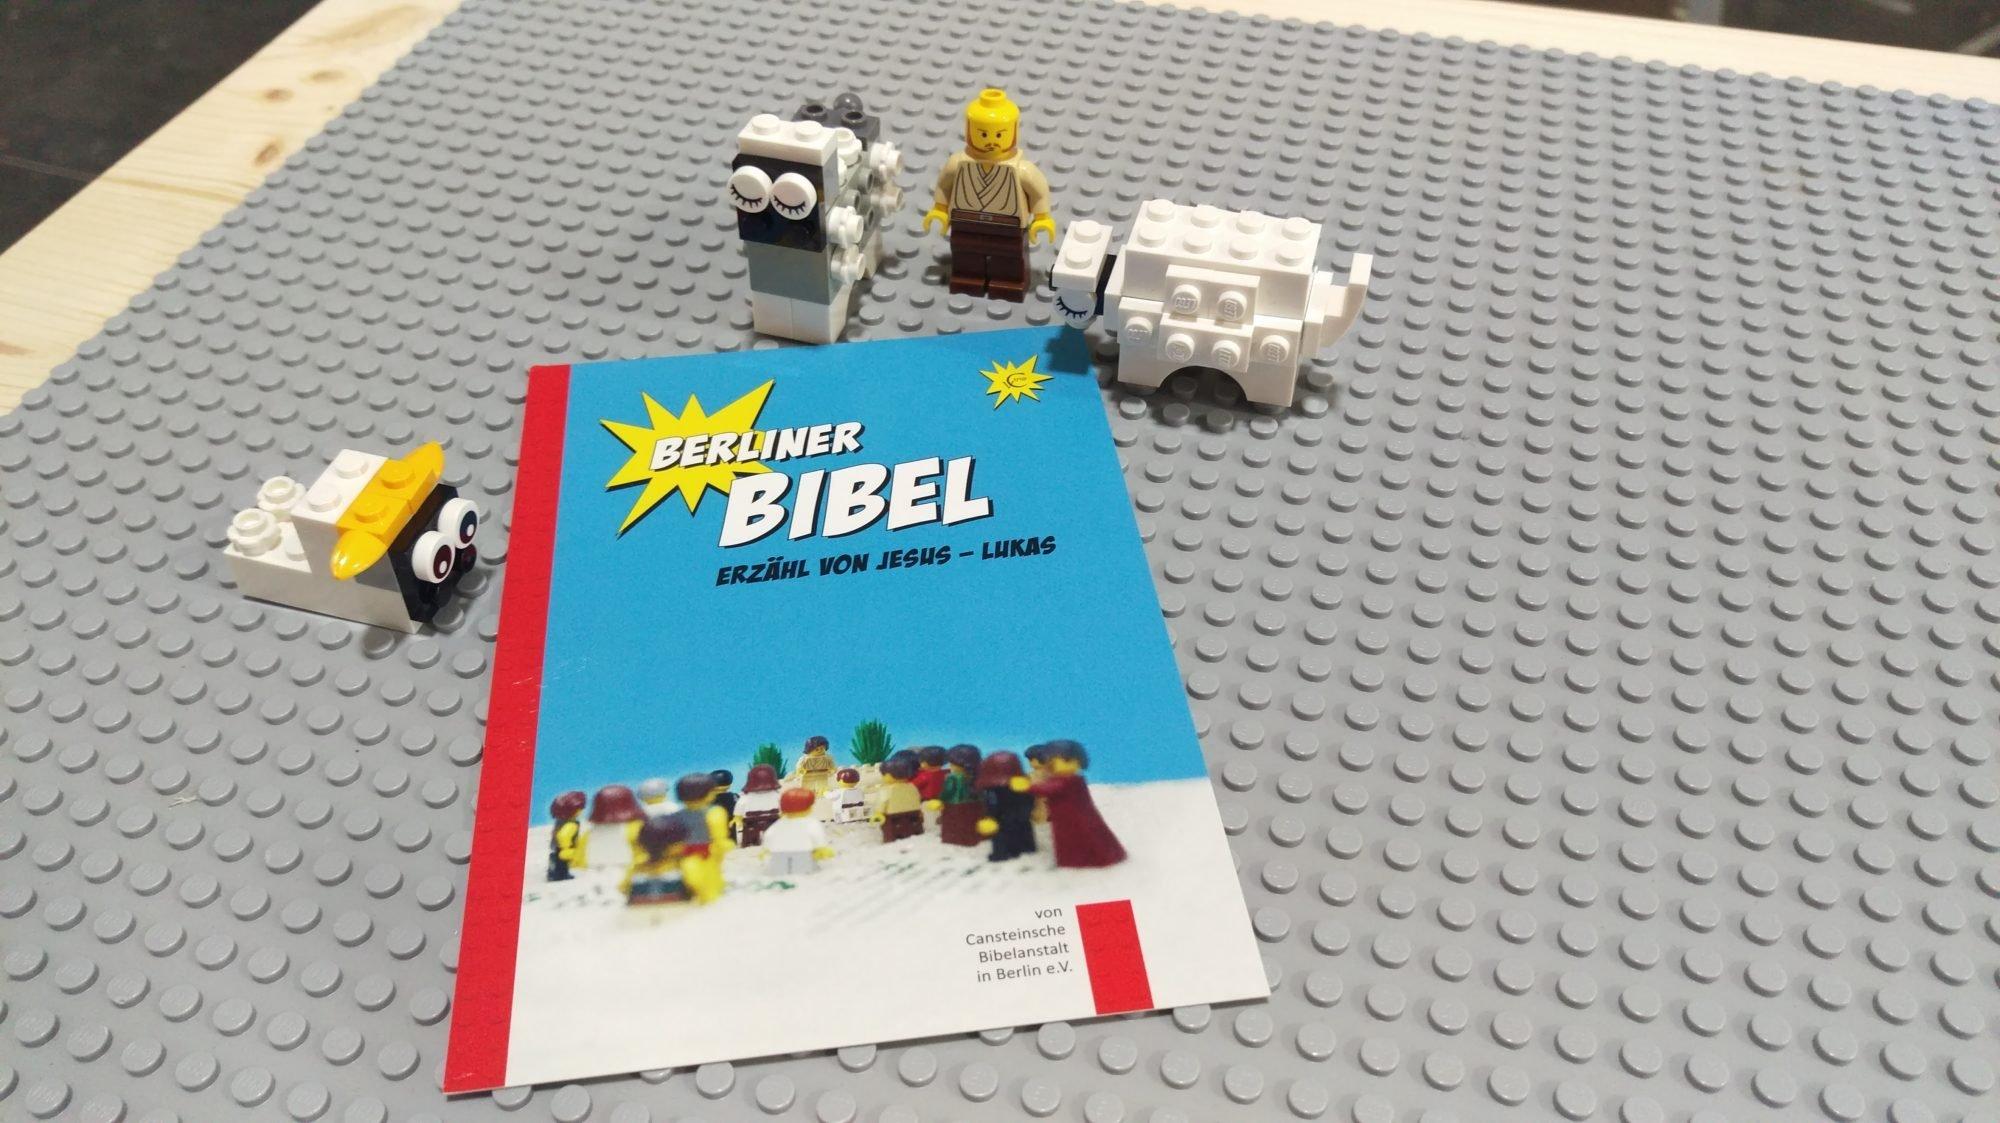 """Eine Lego-Miniatur und drei Schafe aus Legosteinen auf einem grauen Lego-Untergrund. Darauf liegt ein Flyer mit der Aufschrift: """"Berliner Bibel. Erzähl von Jesus - Lukas"""""""